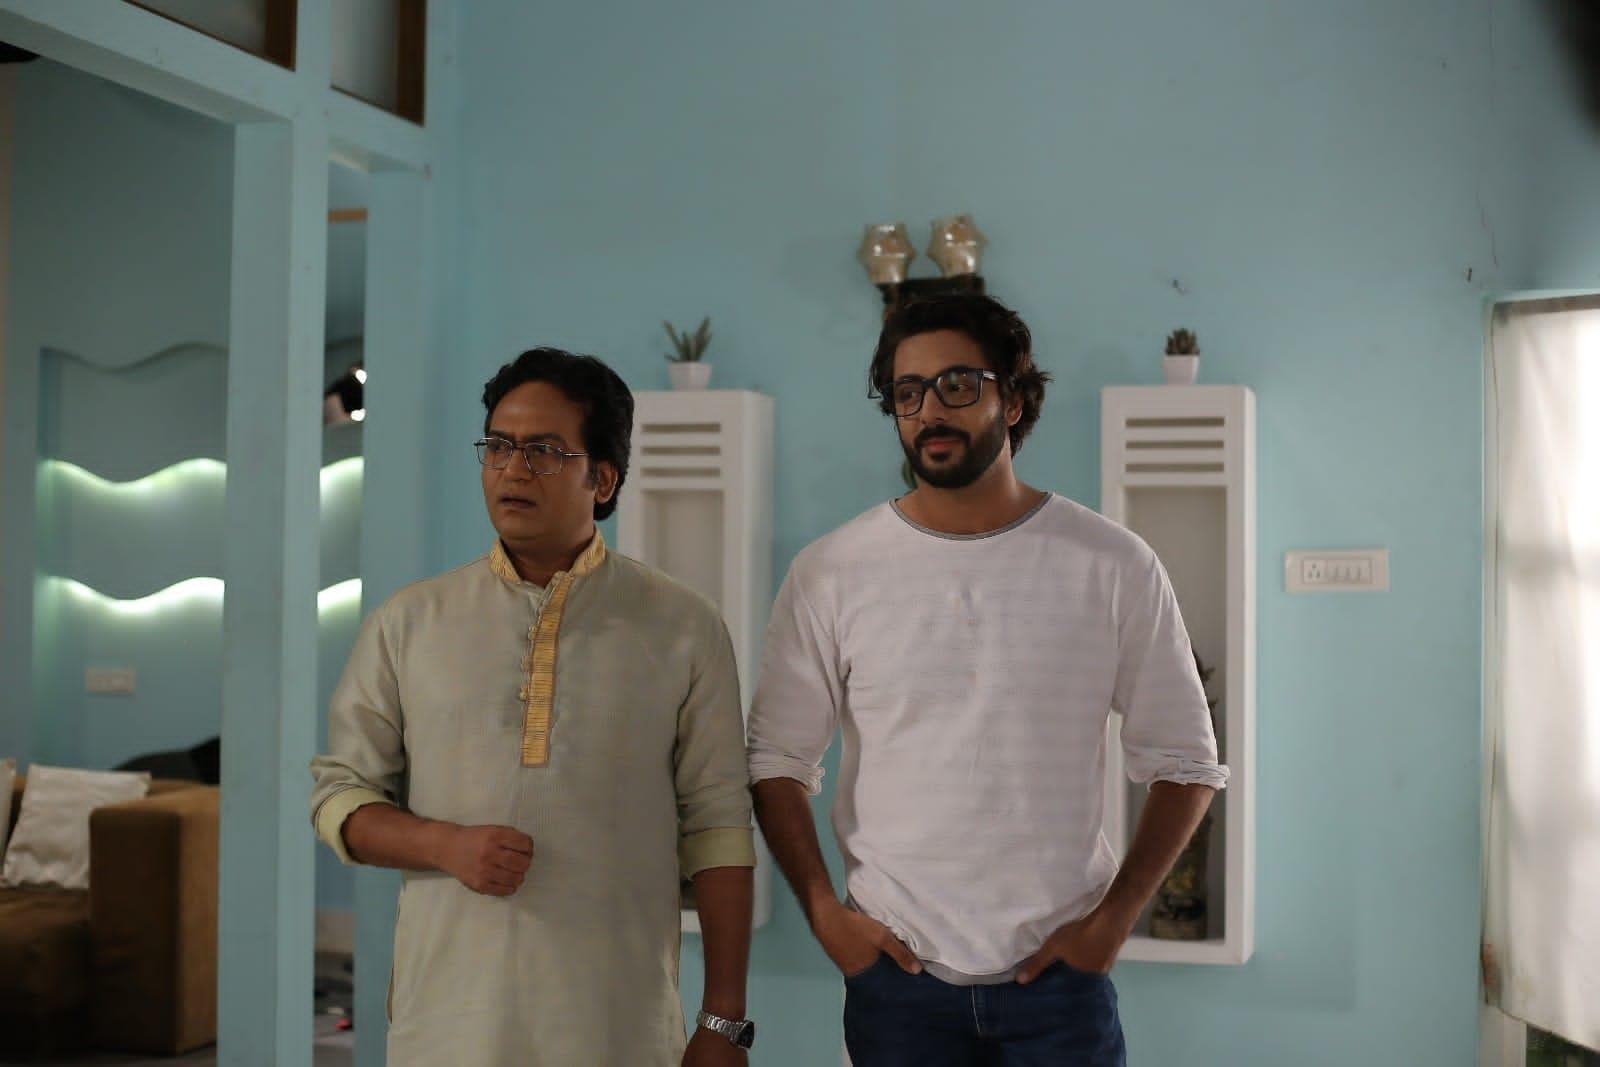 হিন্দি সিরিয়ালে অভিনয় করছেন ক্রুশল আহুজা। সব ঠিকঠাক আগে মাস কয়েকের মধ্যেই সম্প্রচার শুরু হবে সেই ধারাবাহিকের।